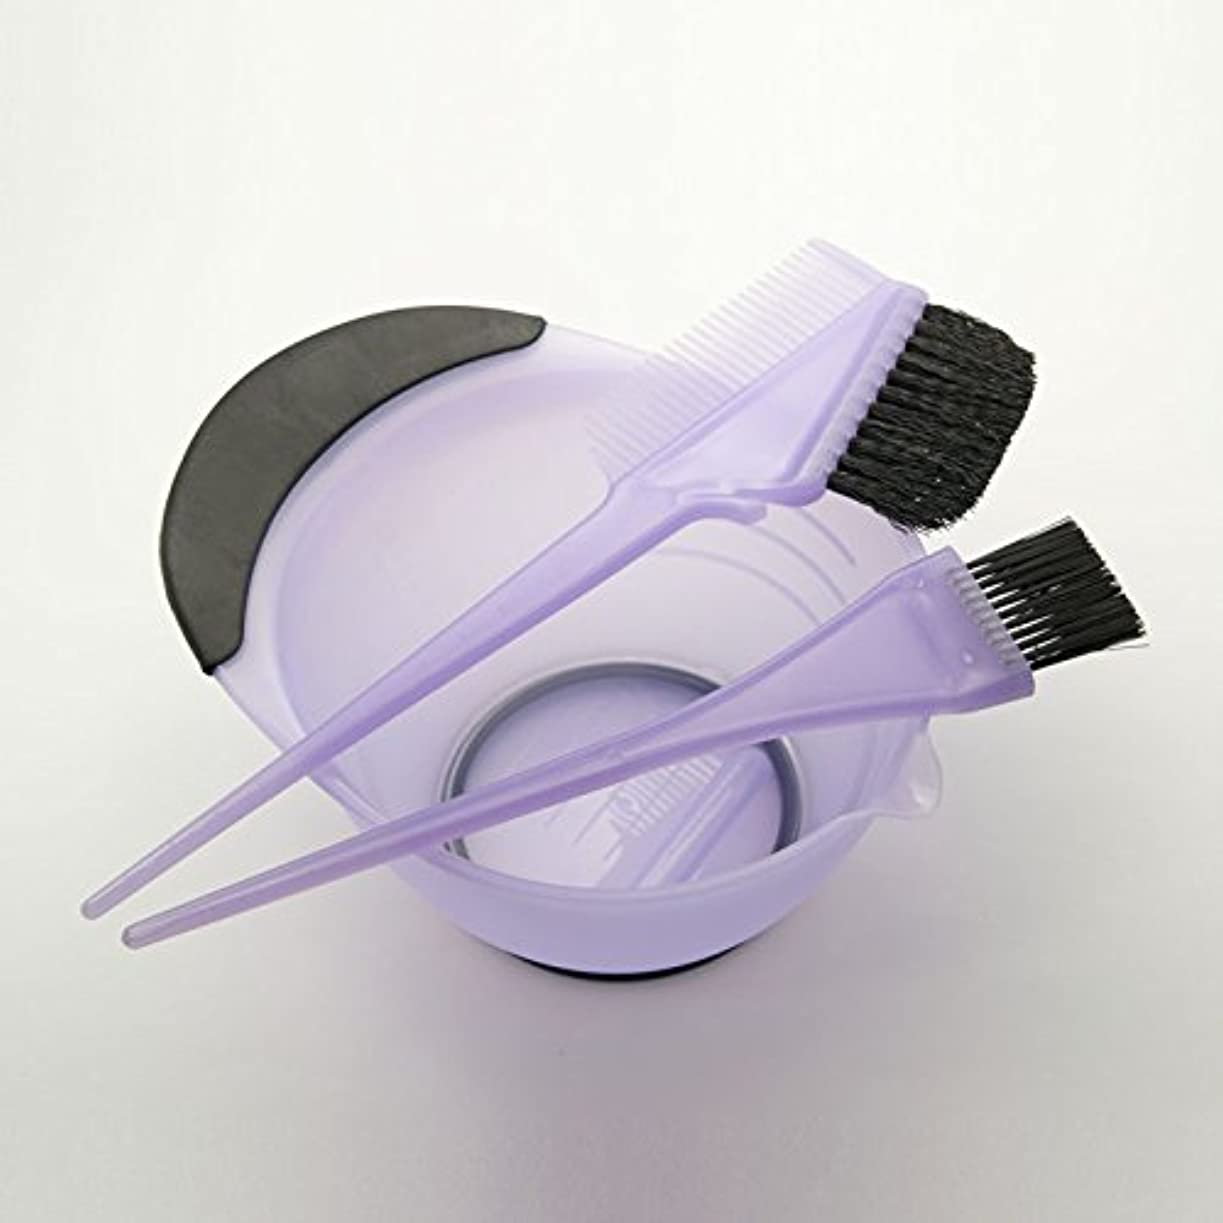 蒸し器リスナー再びDEEDS E-0003 プロ用 ヘアカラーセット ラベンダー ヘアカラー カップ ブラシ セット